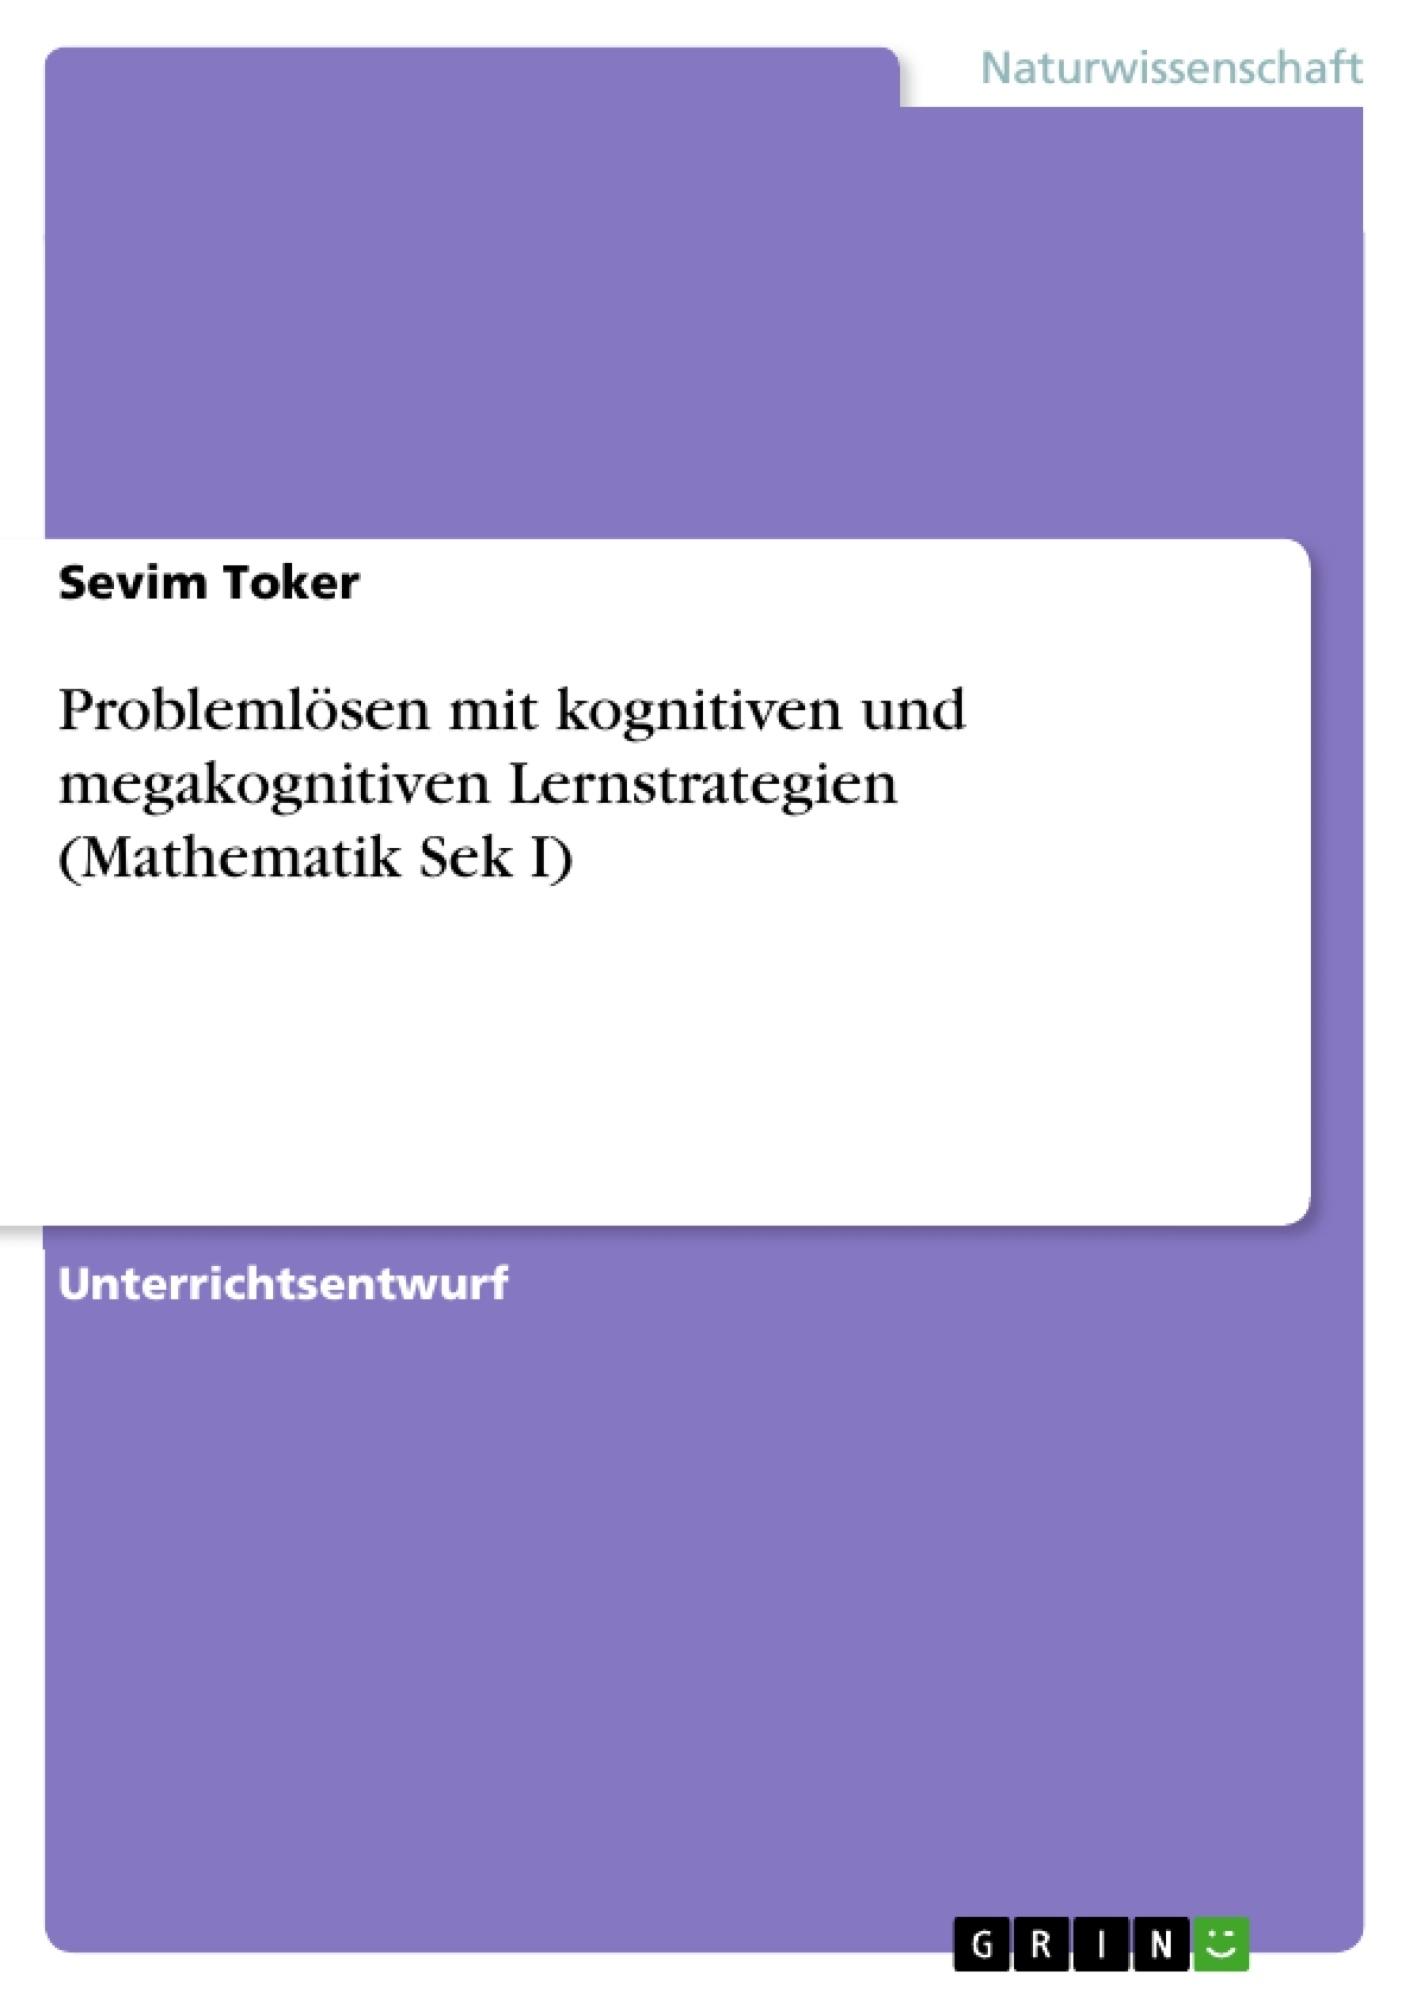 Titel: Problemlösen mit kognitiven und megakognitiven Lernstrategien (Mathematik  Sek I)